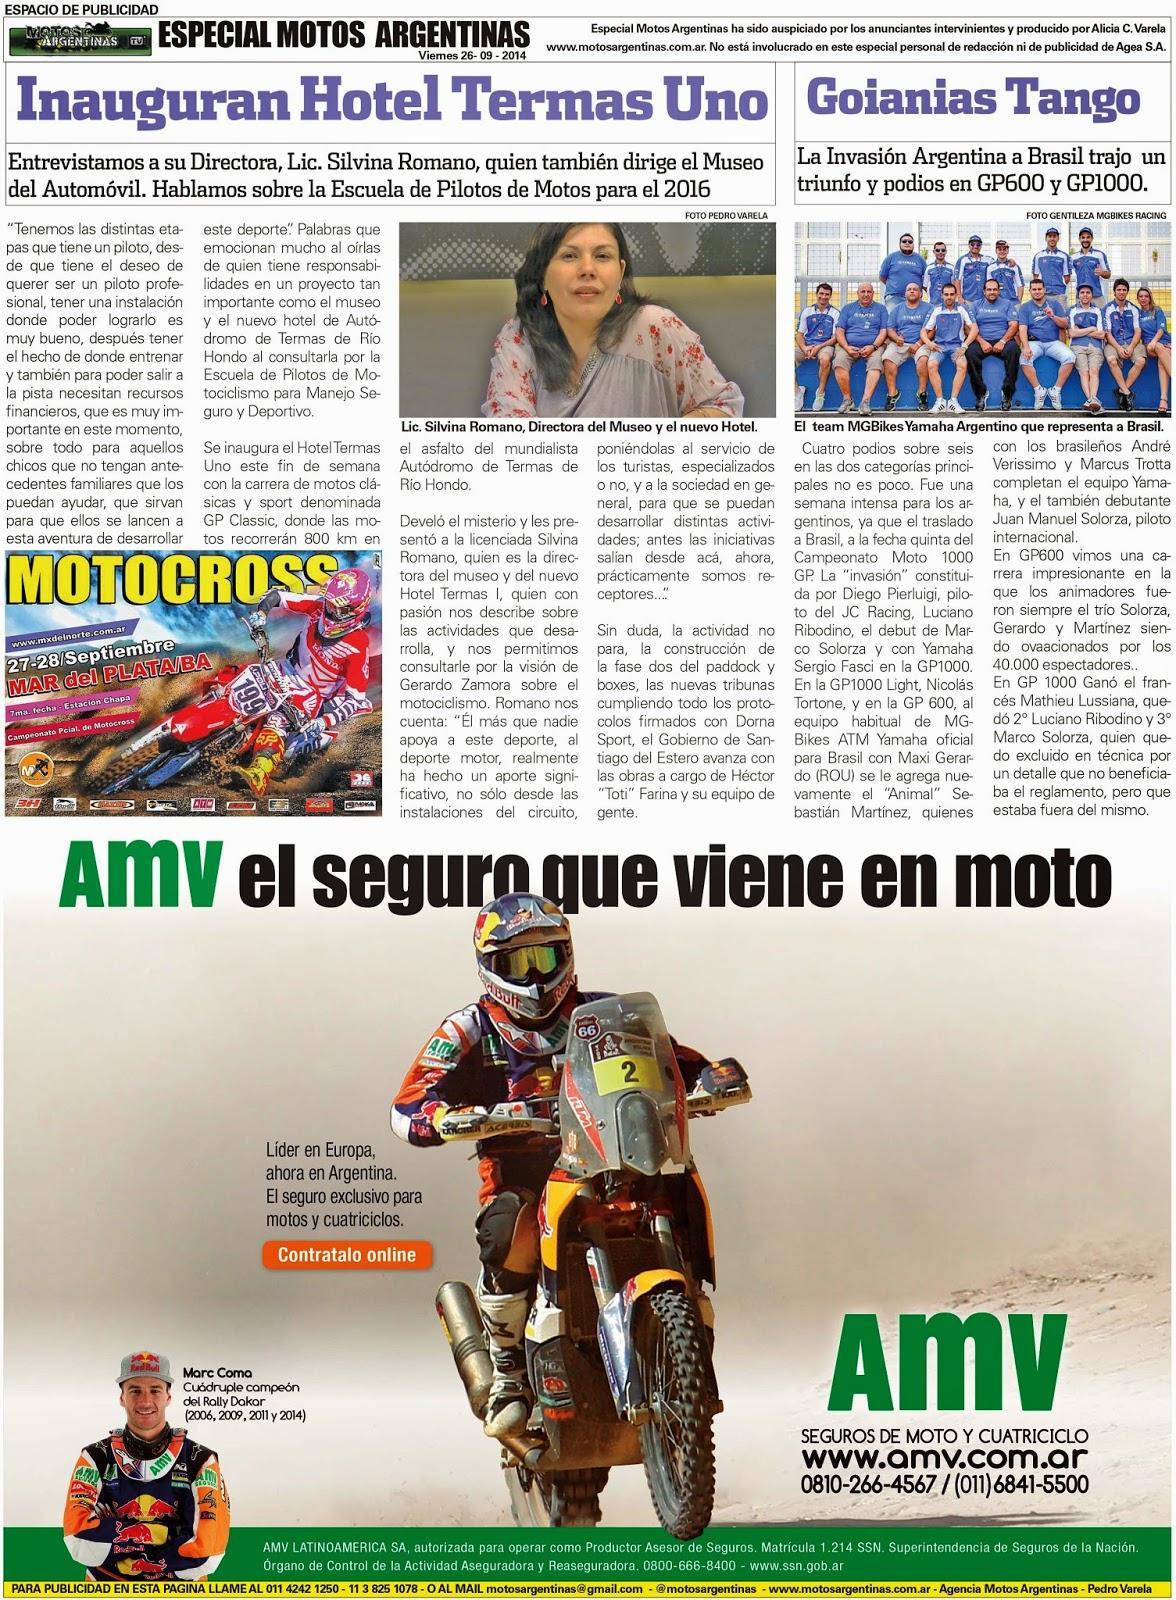 Especial Motos Argentinas en Diario Olé del 26 de Septiembre de 2014